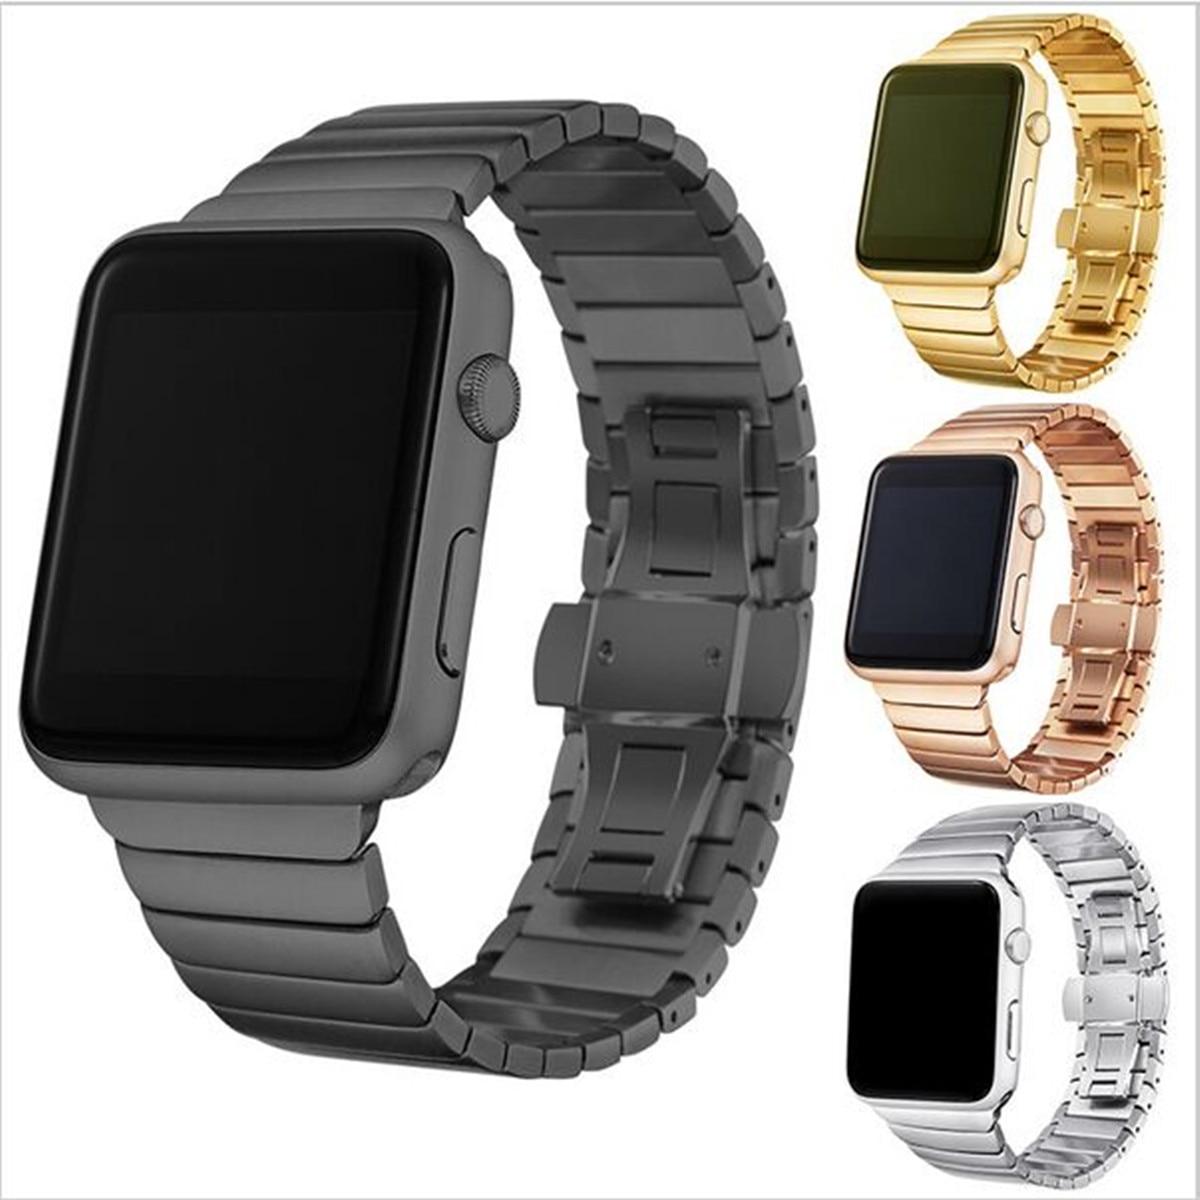 Luxus armband metall straps Für Apple uhrenarmband 42mm edelstahl Link armband 38mm schmetterling schleife schwarz gold silber